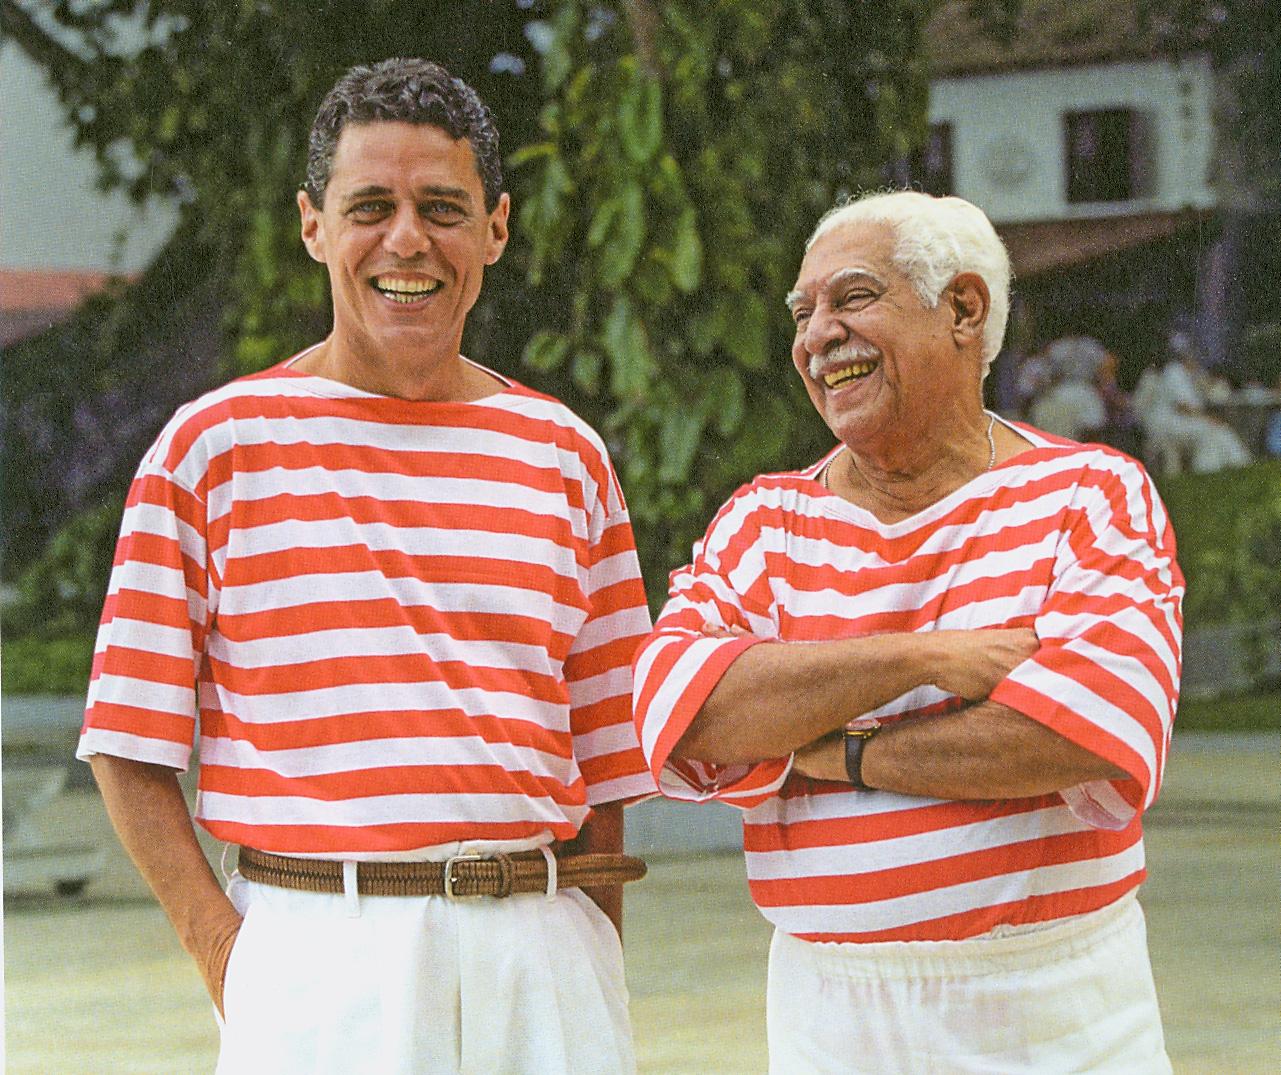 Chico Buarque e Dorival Caymmi gravam para um programa de fim de ano da TV Bandeirantes que depois sairia no DVD Meu Caro Amigo, em 2005